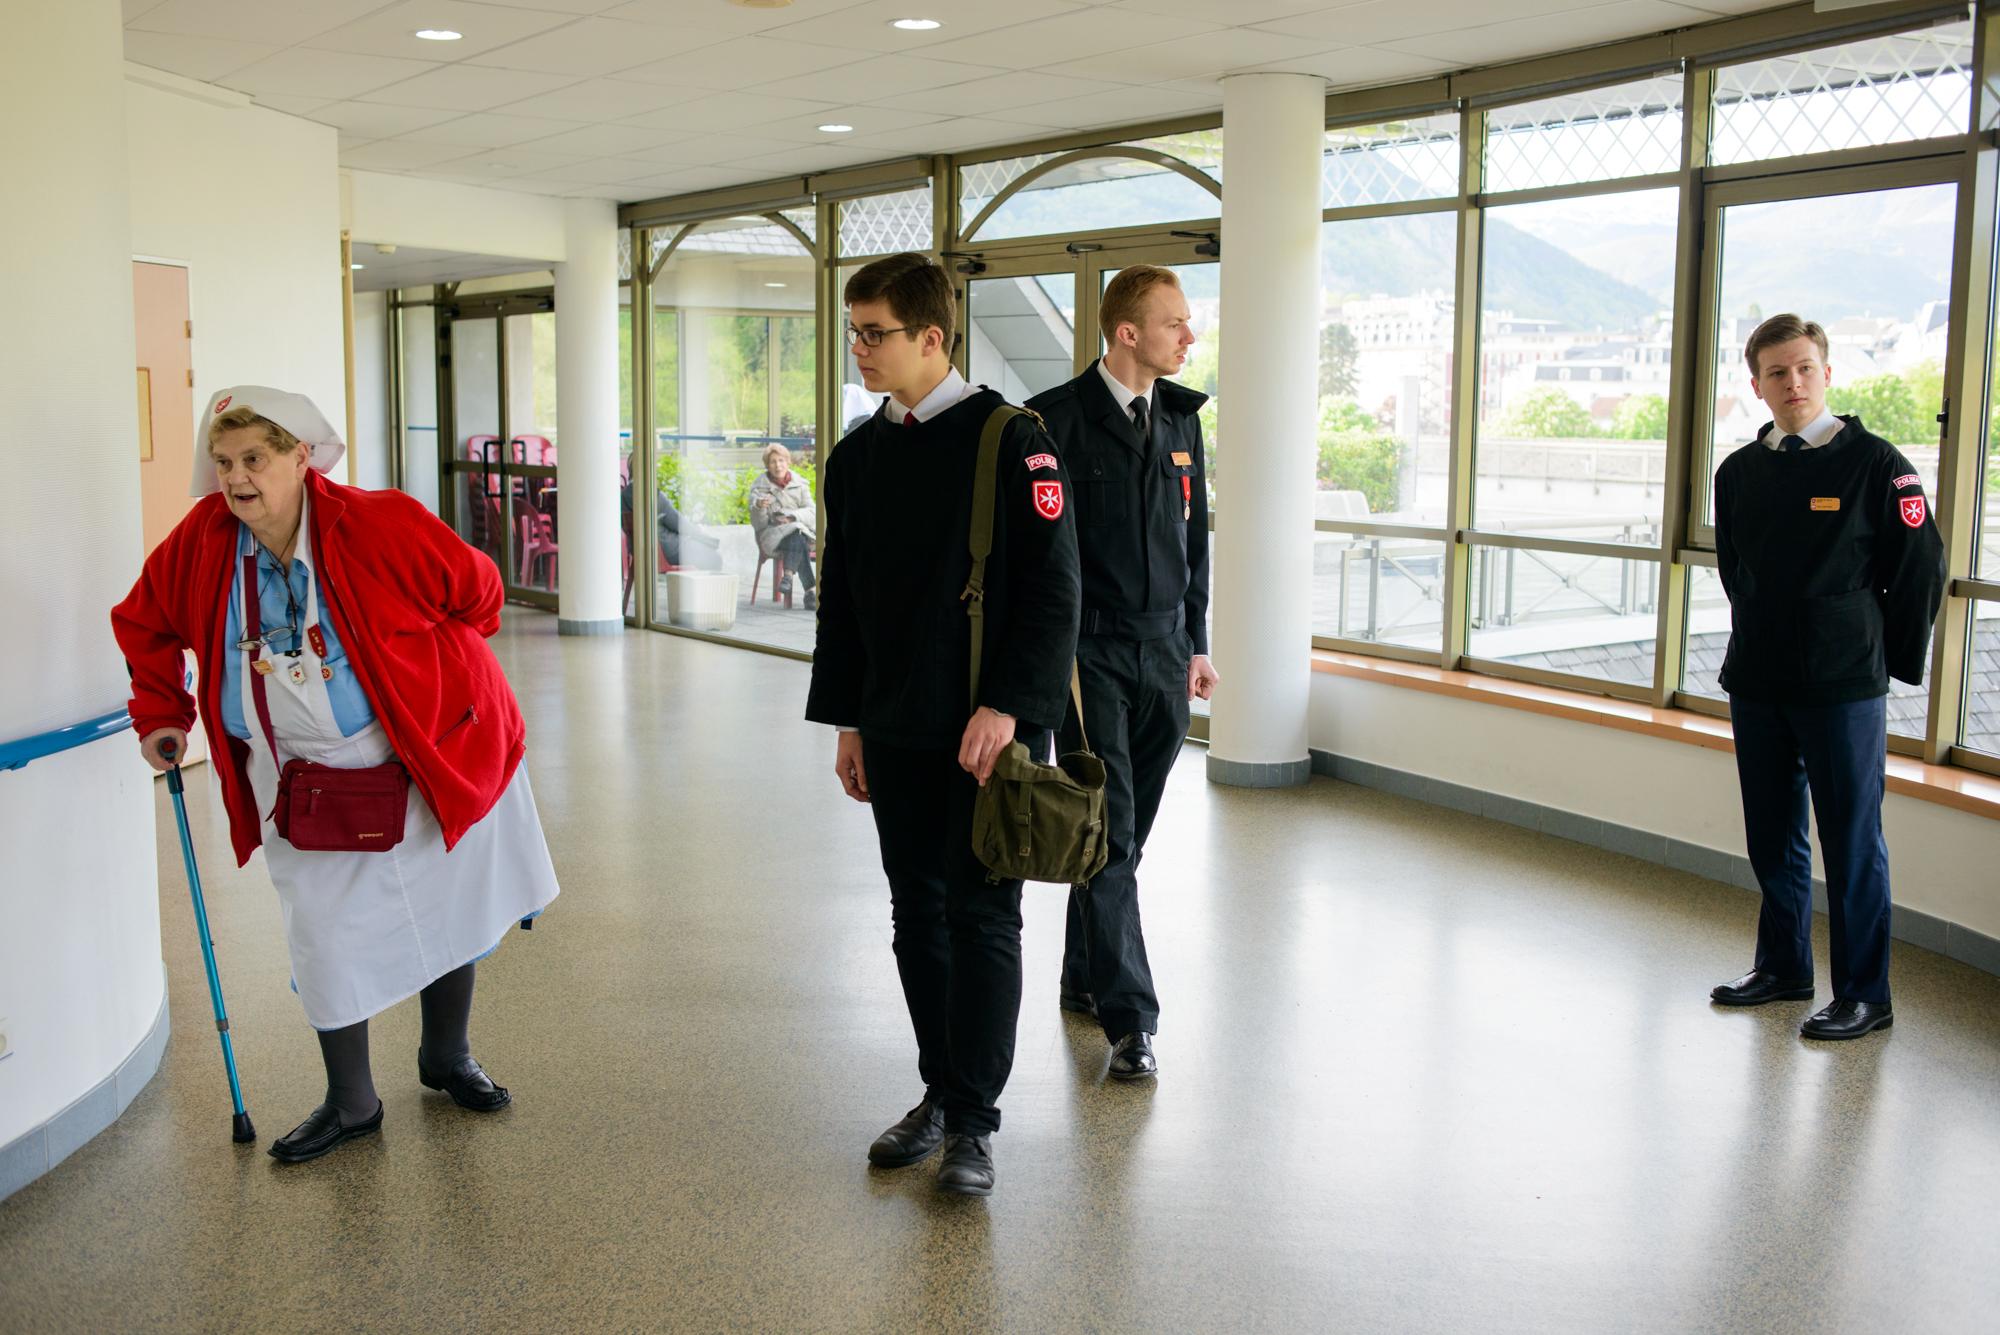 Wolontariusze idą na mszę do kaplicy w szpitalu (fot. Piotr Idem)